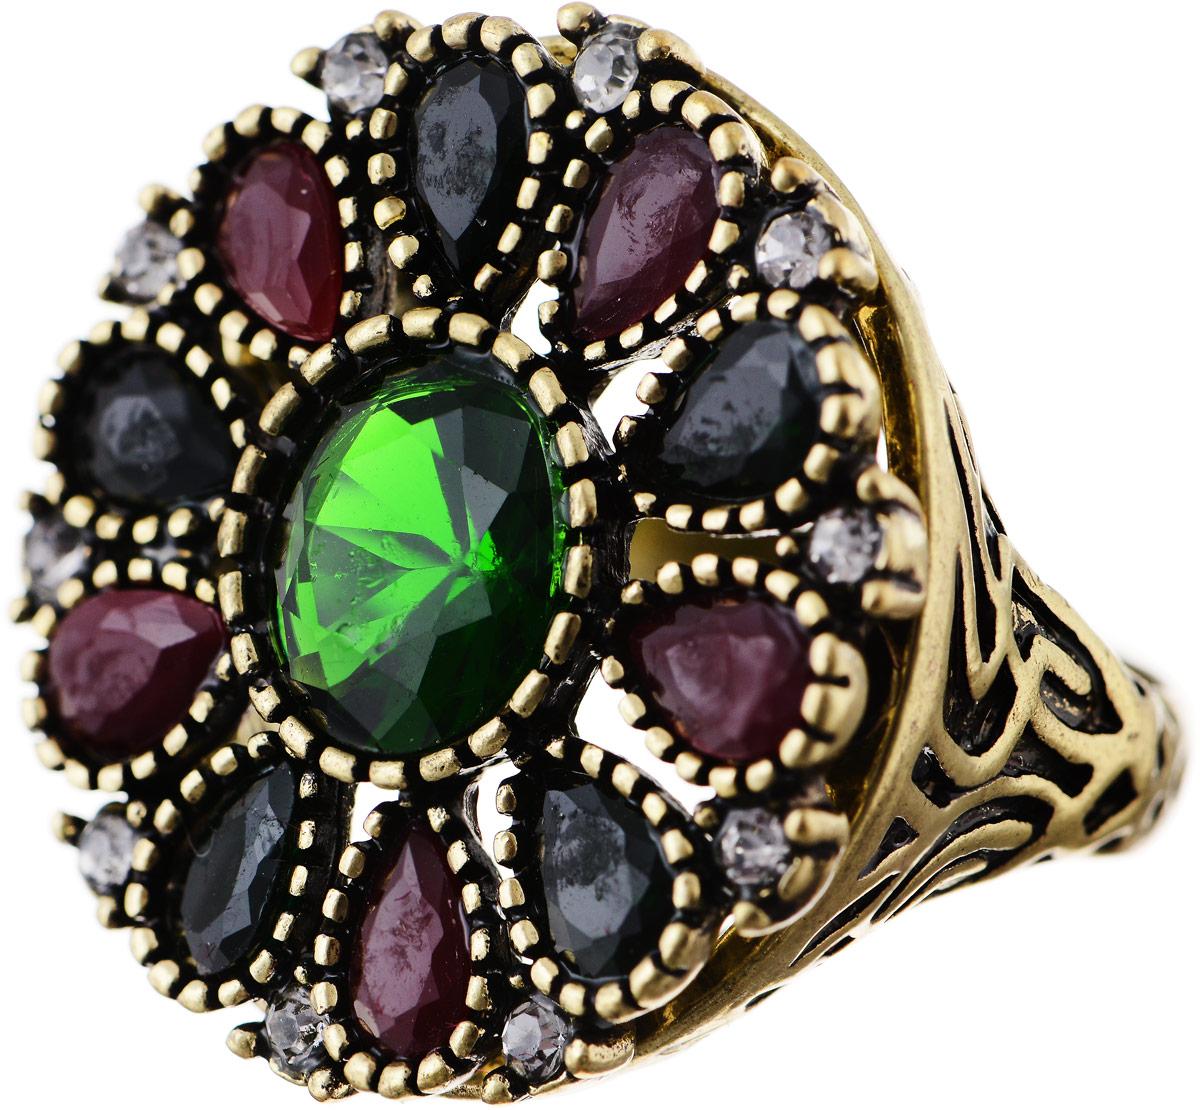 Кольцо Bradex Аннабель, цвет: золотой, зеленый, бордовый. AS 0017. Размер 19Коктейльное кольцоКольцо Bradex Аннабель выполнено из металлического сплава. Декоративный элемент выполнен в круглой форме и украшен вставками из искусственных камней и страз.